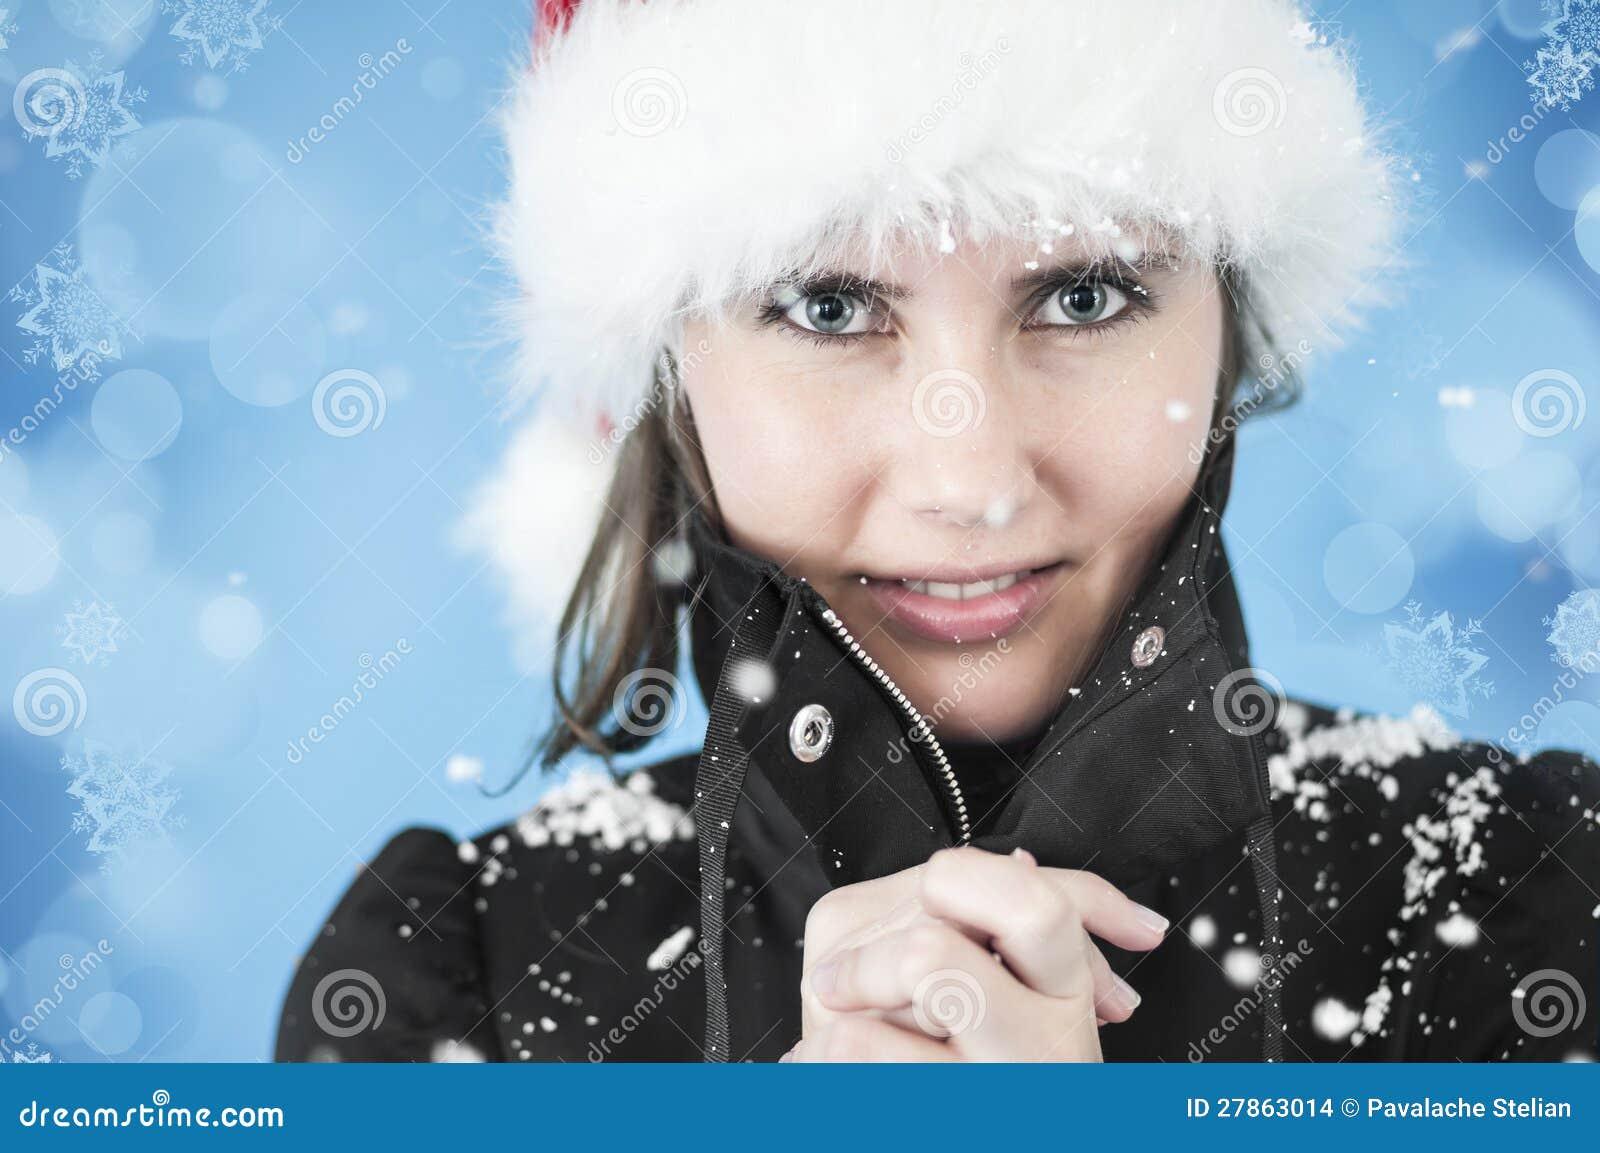 Zima zimno